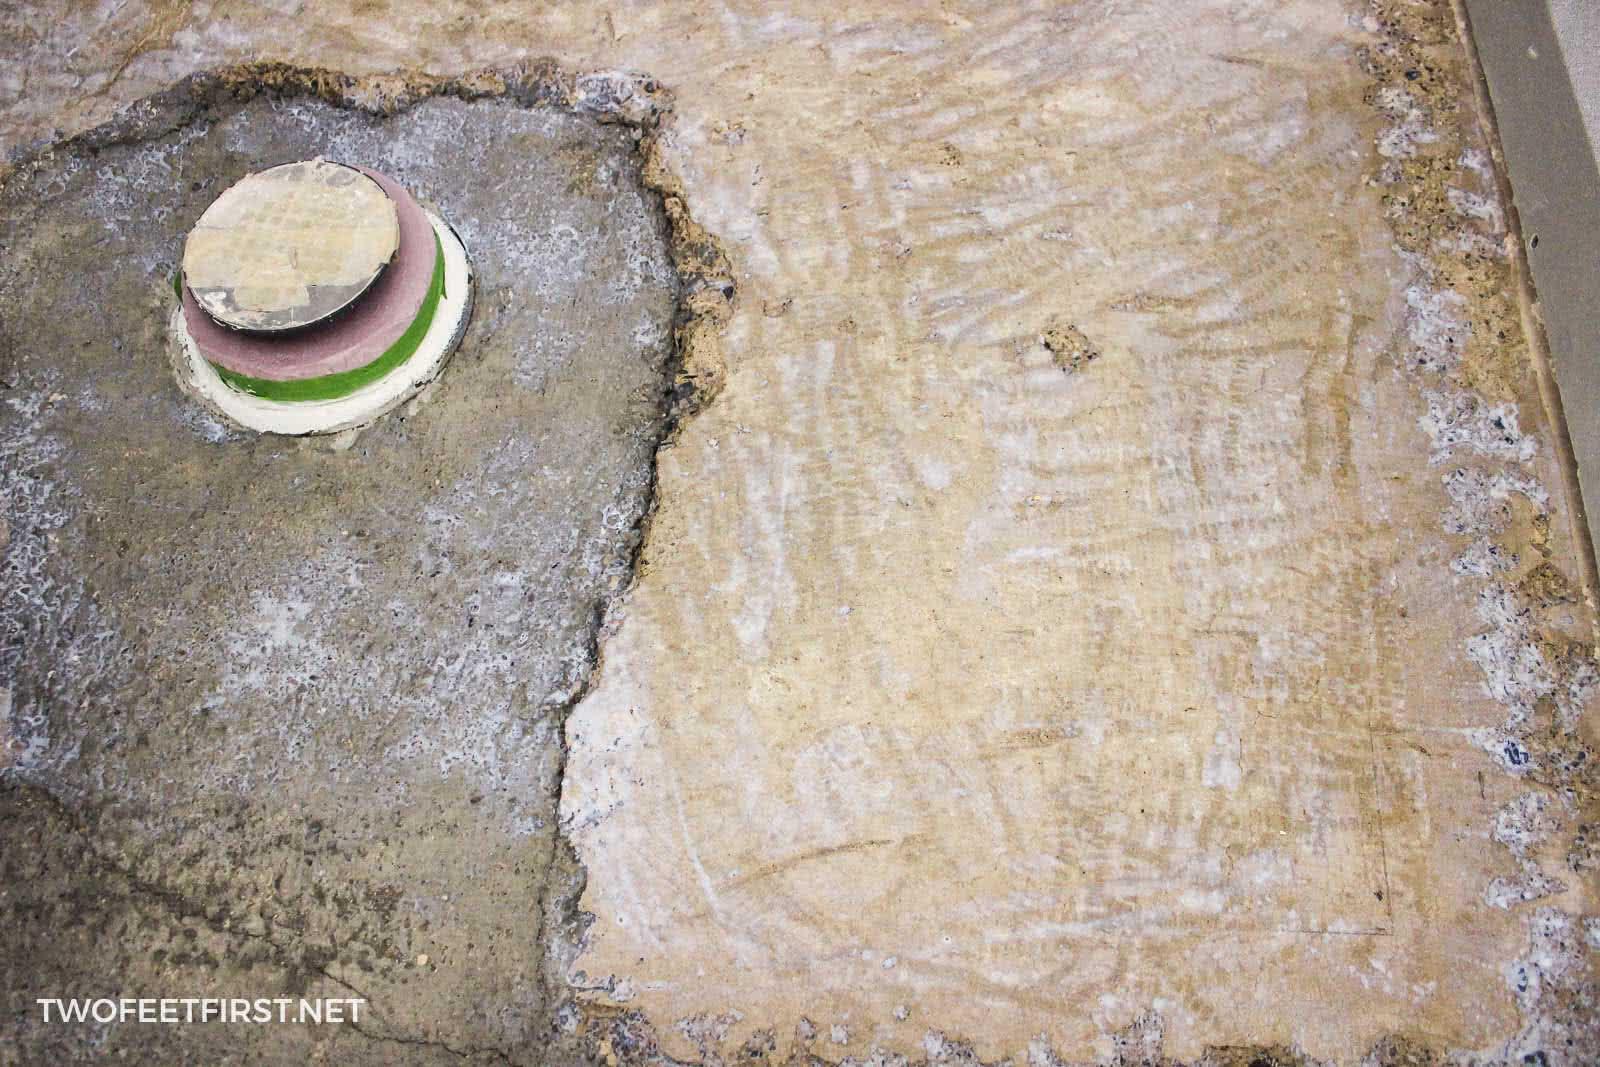 concrete after applying self-leveling primer